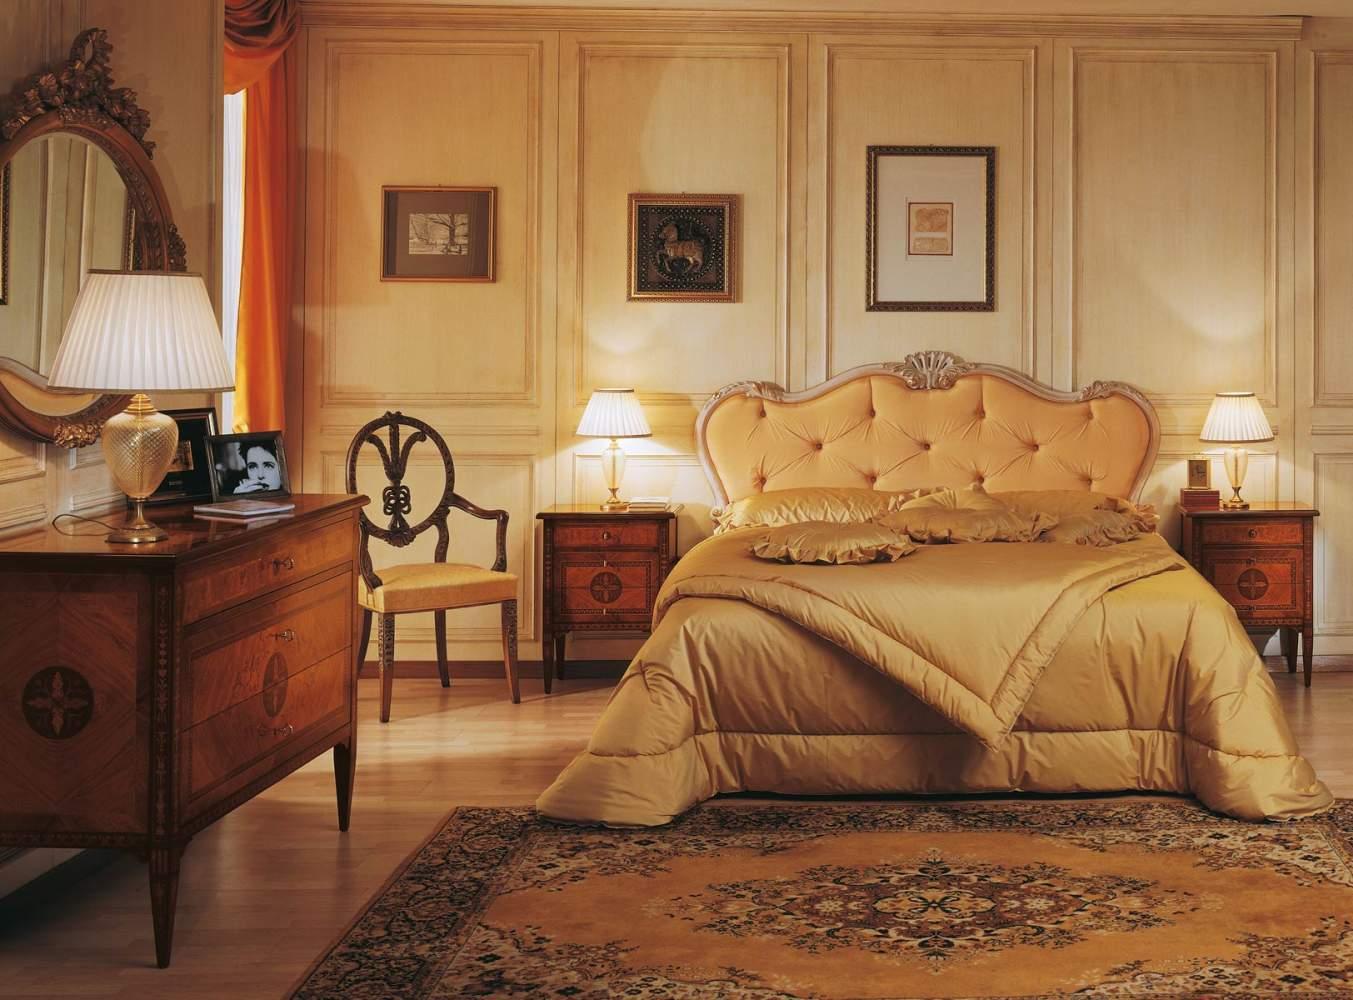 Camera in stile maggiolini con comò e comodini in noce riccamente intarsiati